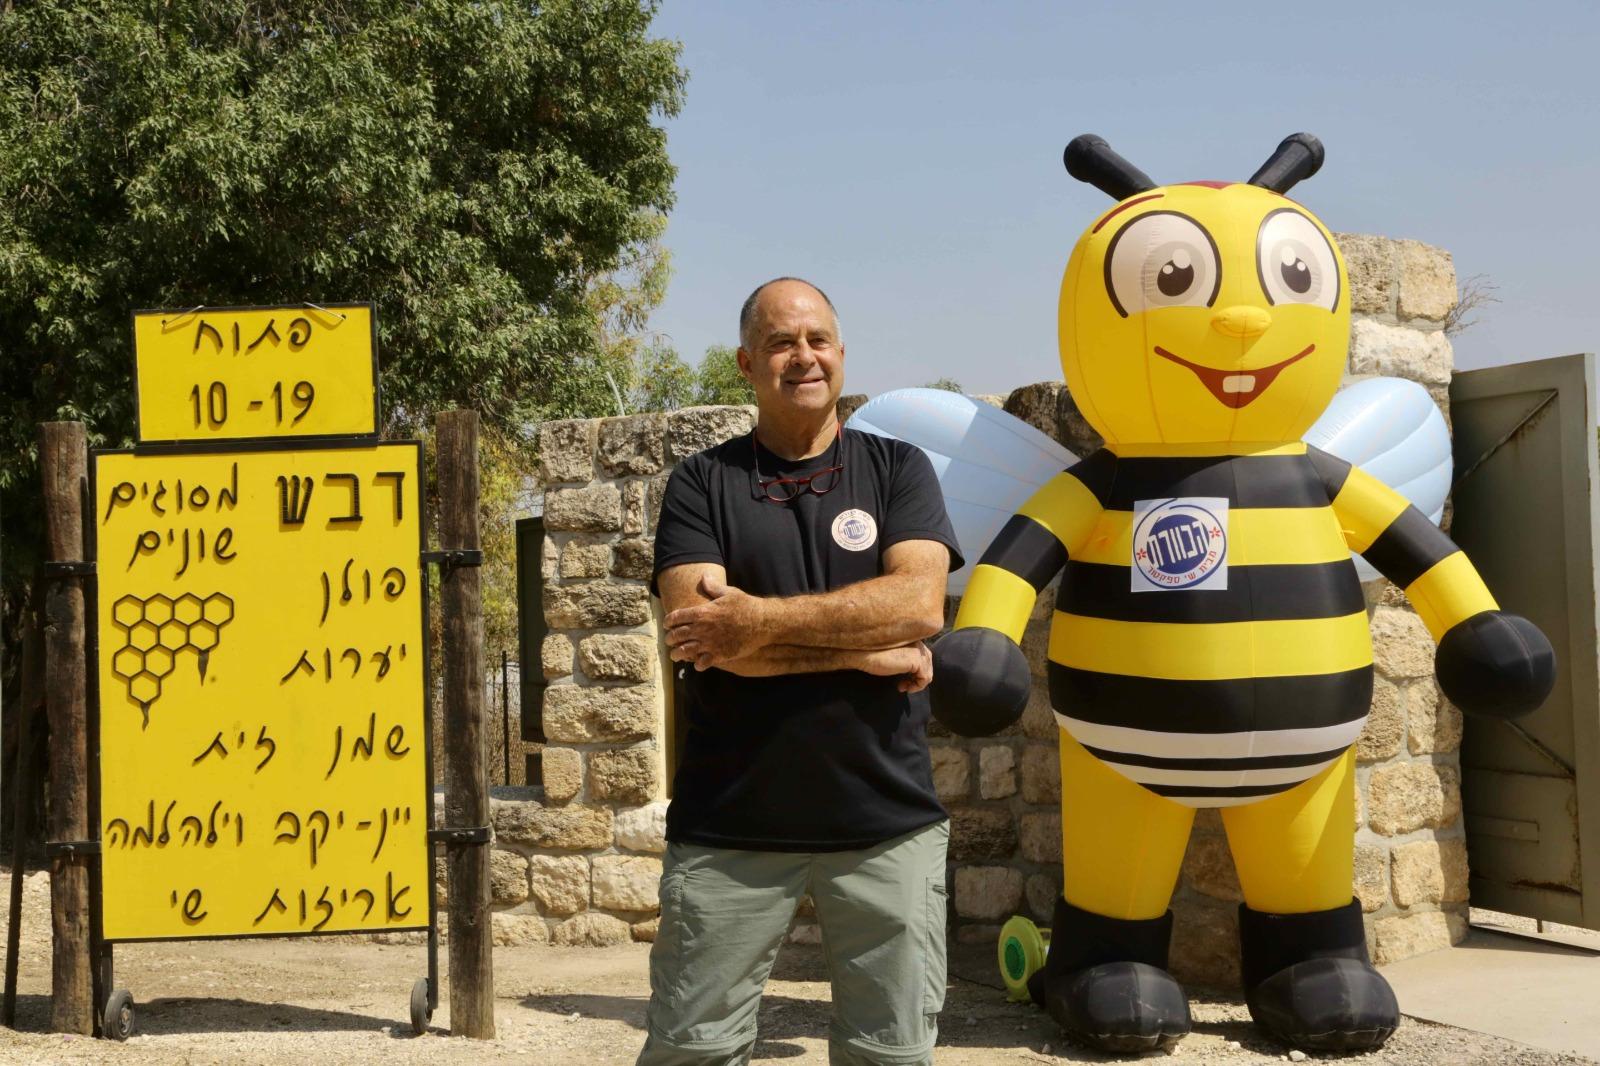 פסטיבל מתוק כדבש: מועצת הדבש מזמינה לפסטיבל הדבש השנתי במכוורות ברחבי הארץ